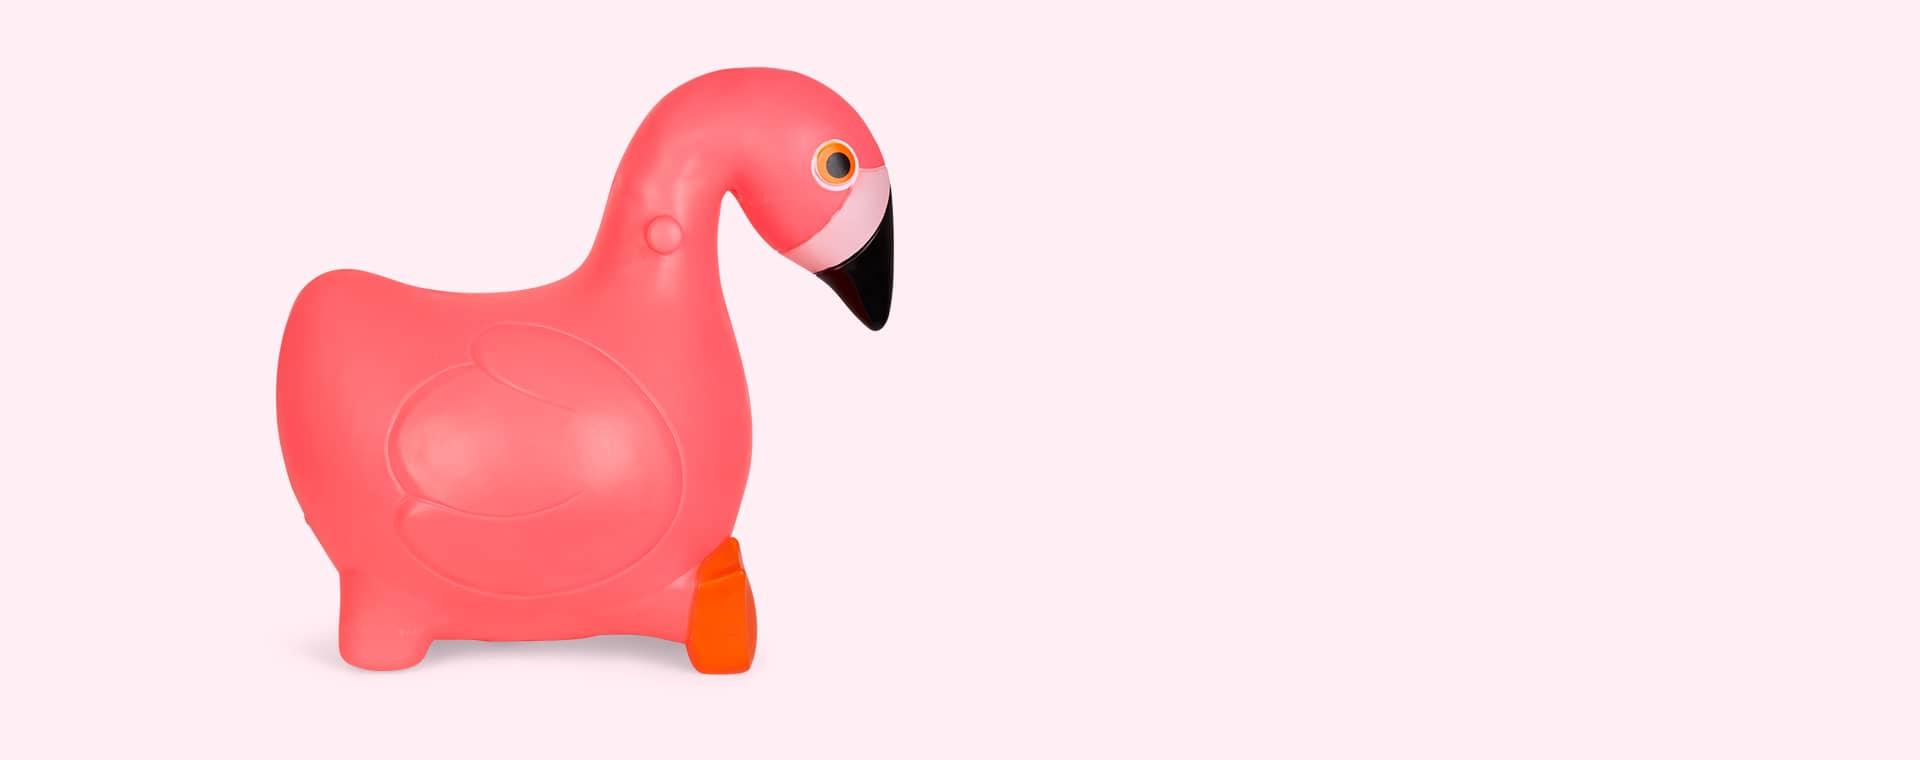 Pink Sunnylife Flamingo Hopper